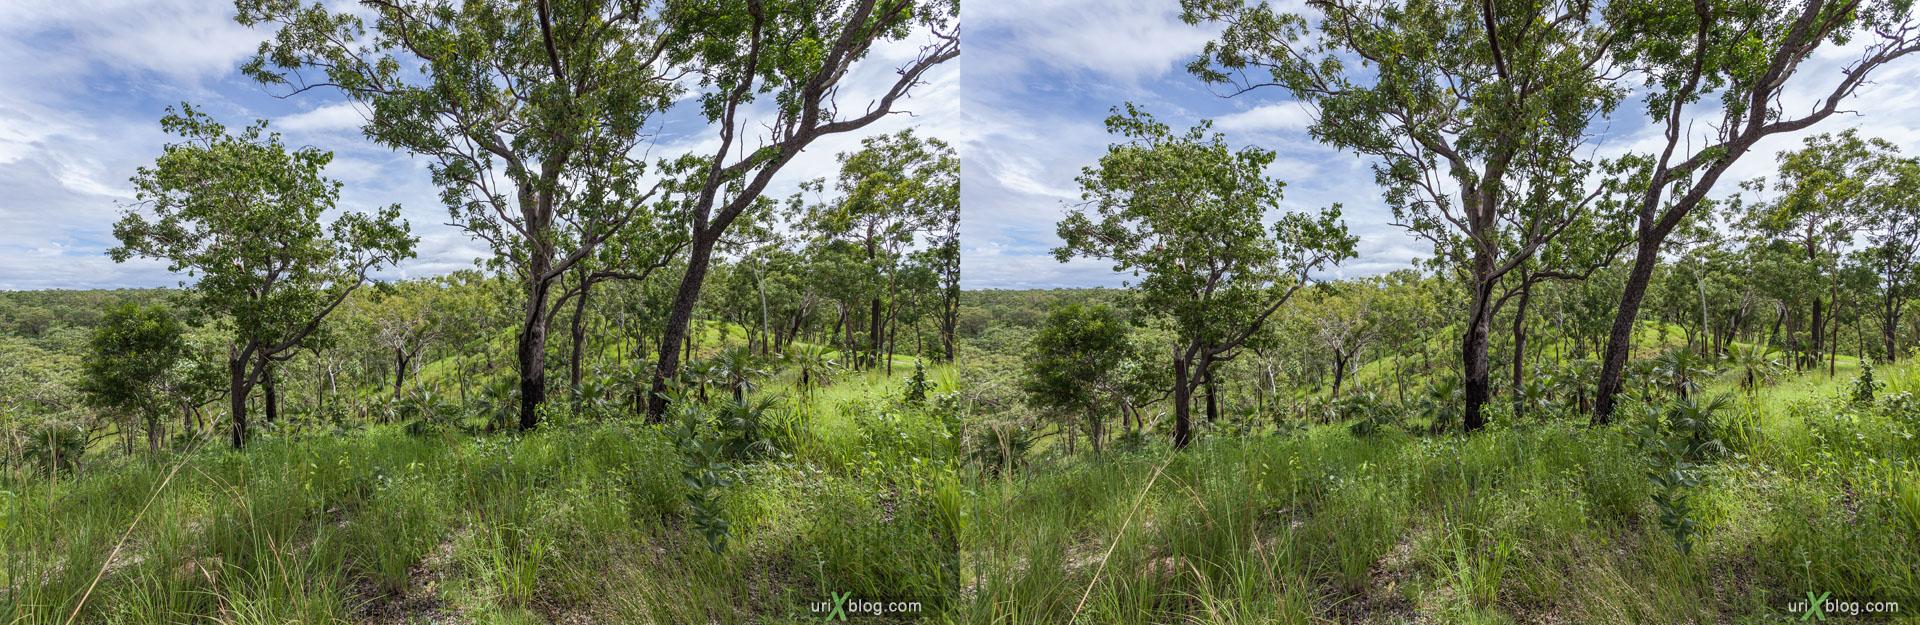 лес, панорама, Kakadu National Park, Северная территория, Австралия, 3D, перекрёстная стереопара, стерео, стереопара, 2011